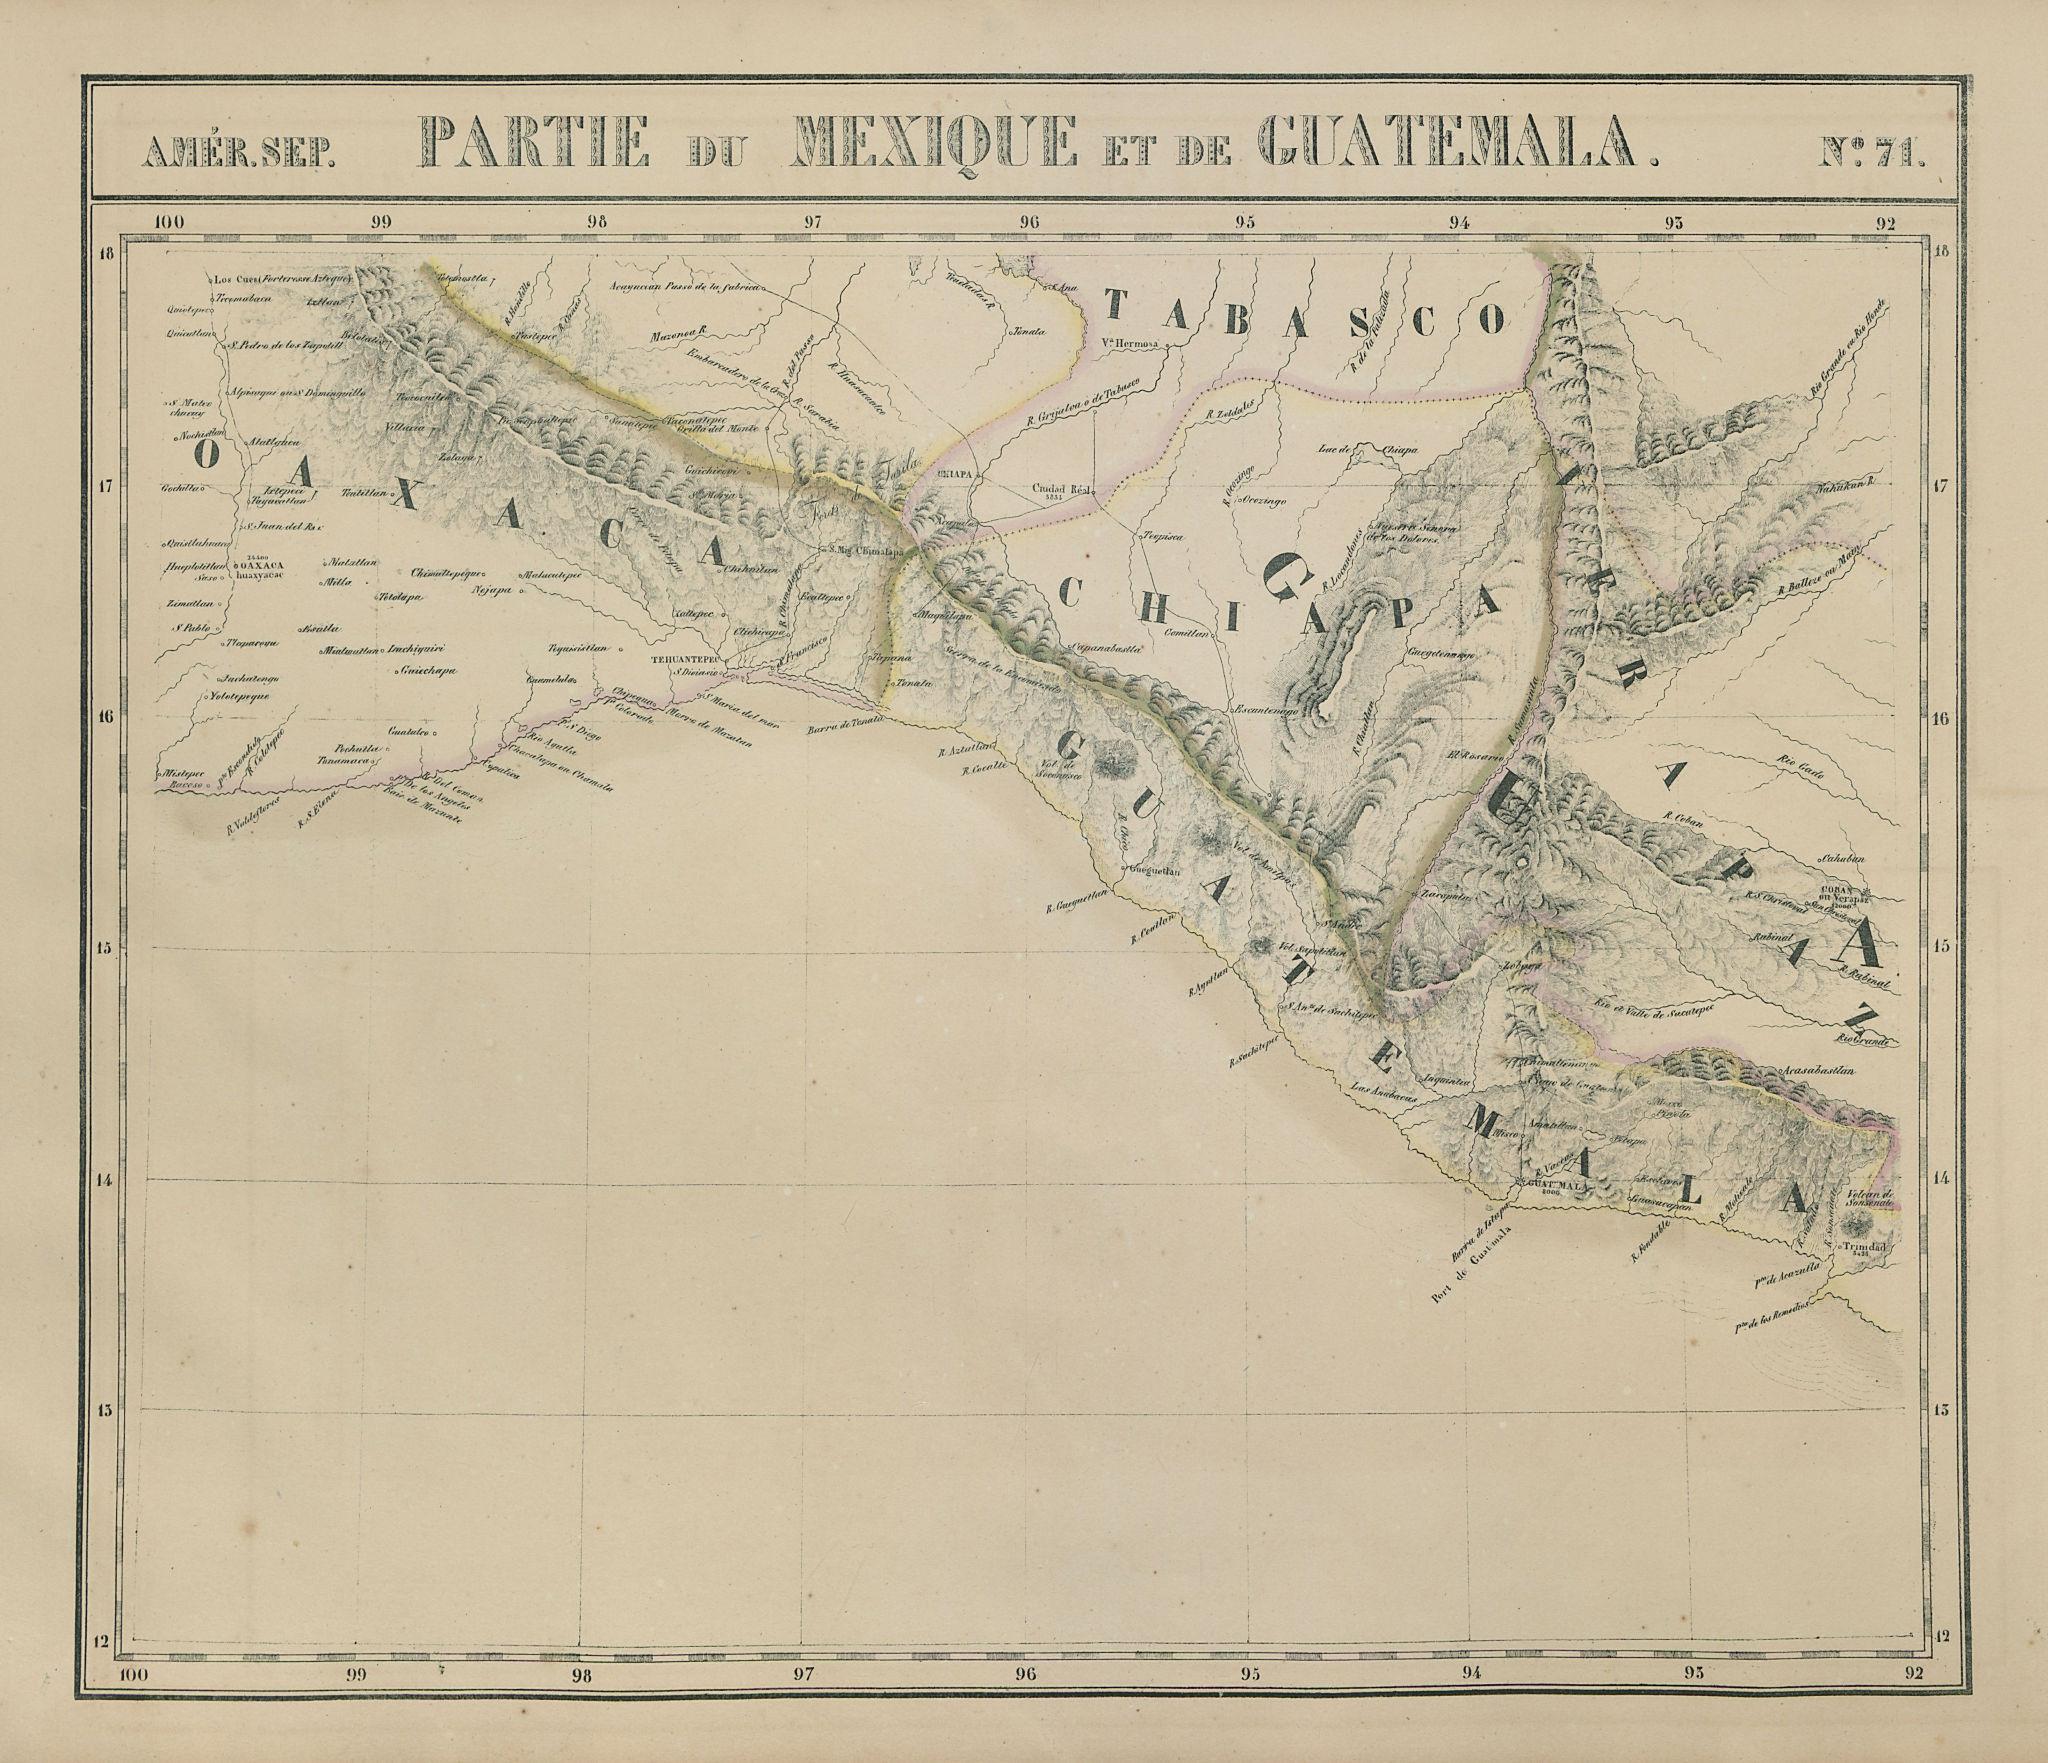 Amér Sep. Partie du Mexique & Guatemala #71 Oaxaca Chiapas VANDERMAELEN 1827 map